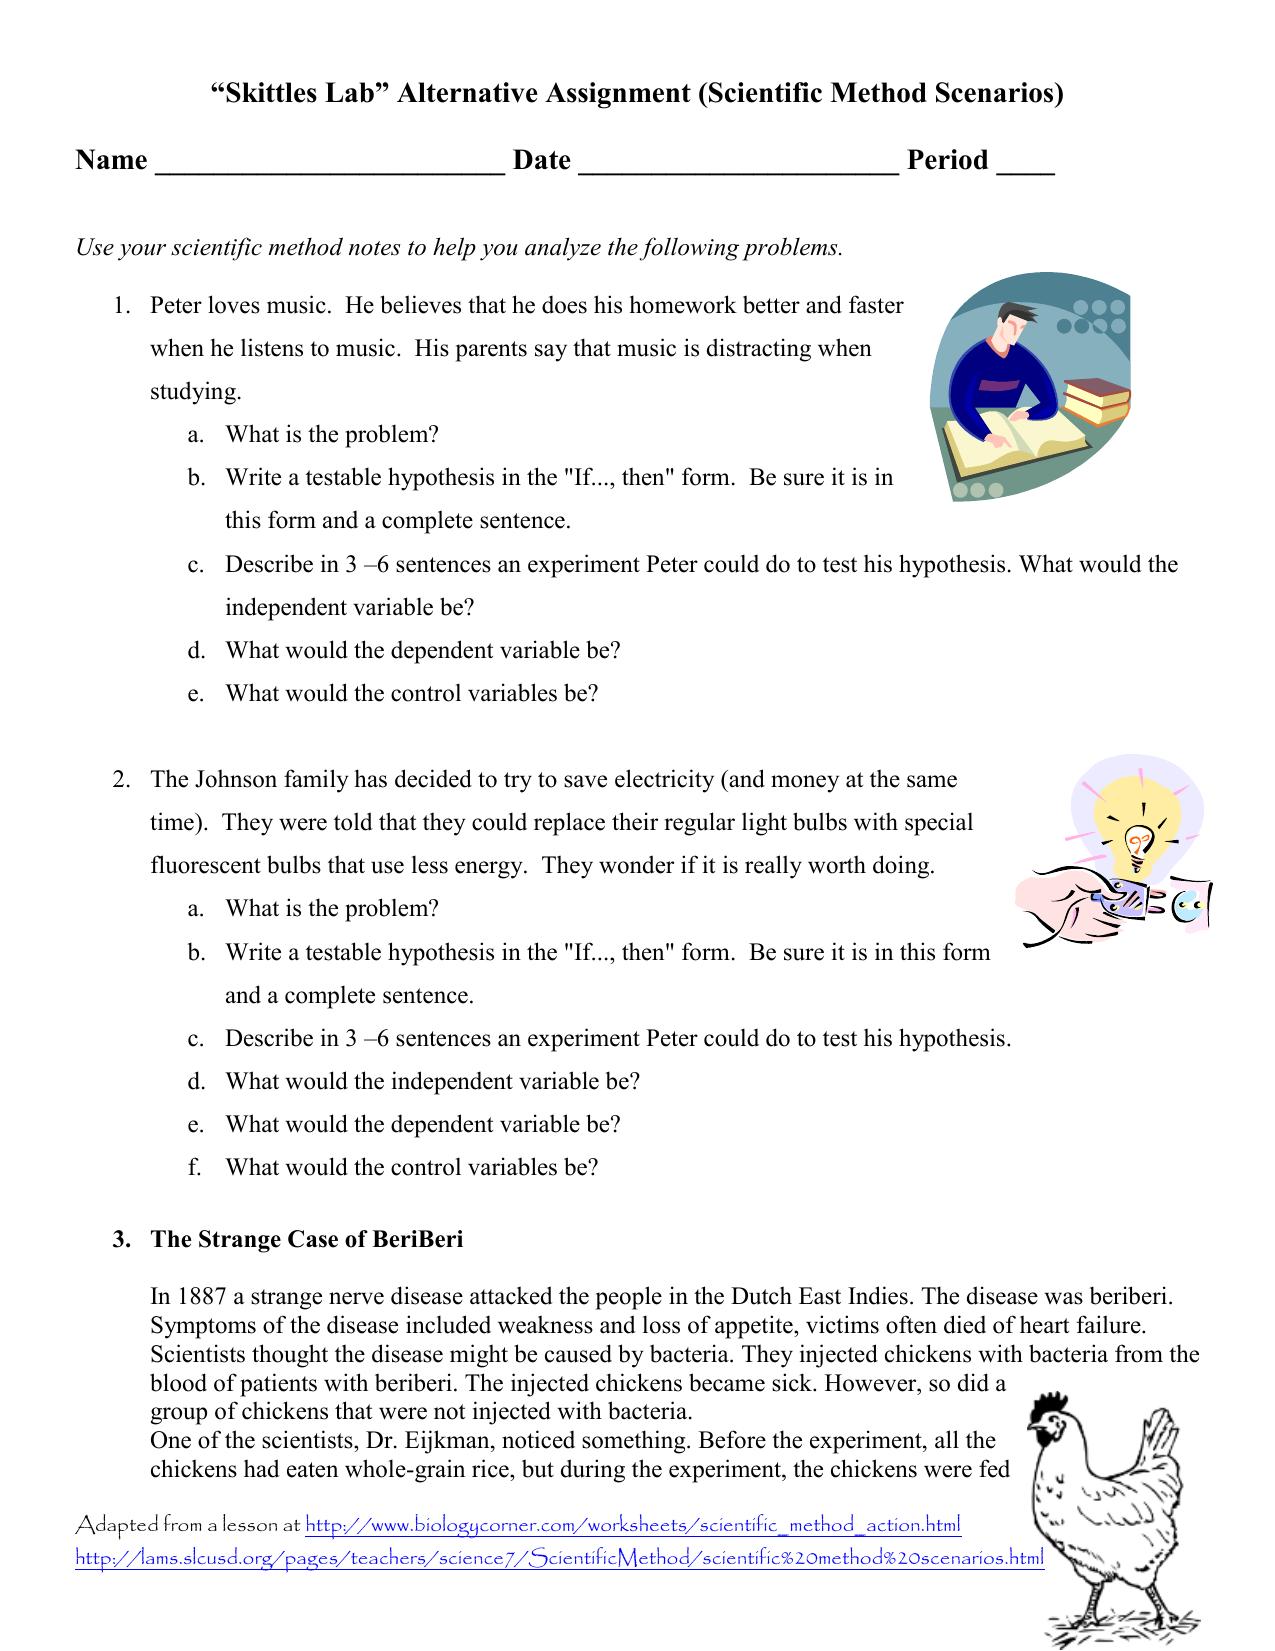 MS Scientific Method Scenarios